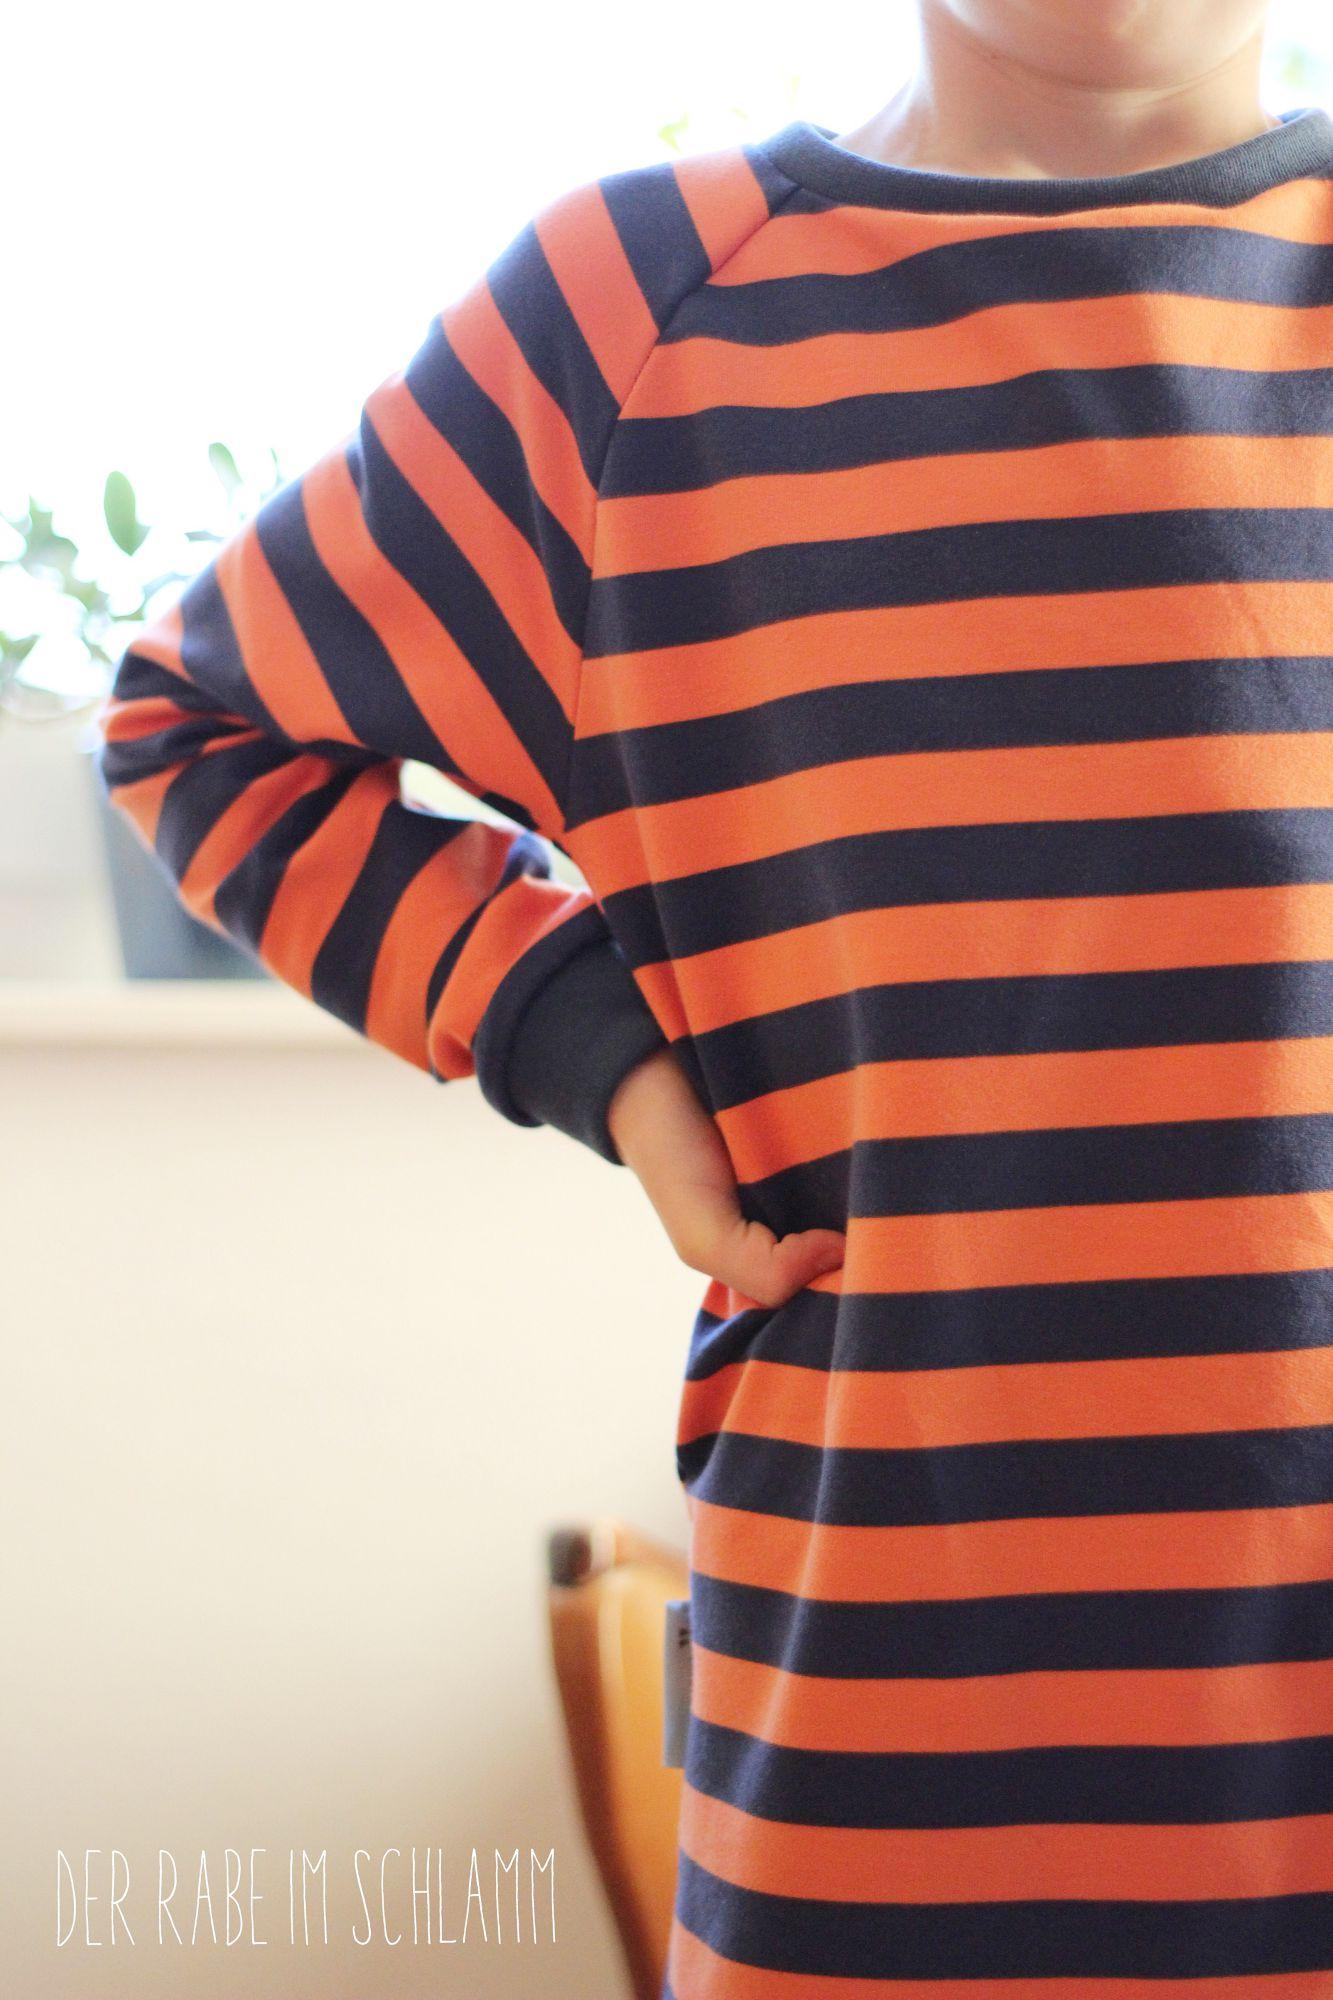 Sweathose, Sweater, Pyjama, Der Rabe im Schlamm, Nähen, Schnittmuster, Kinder, Jungen